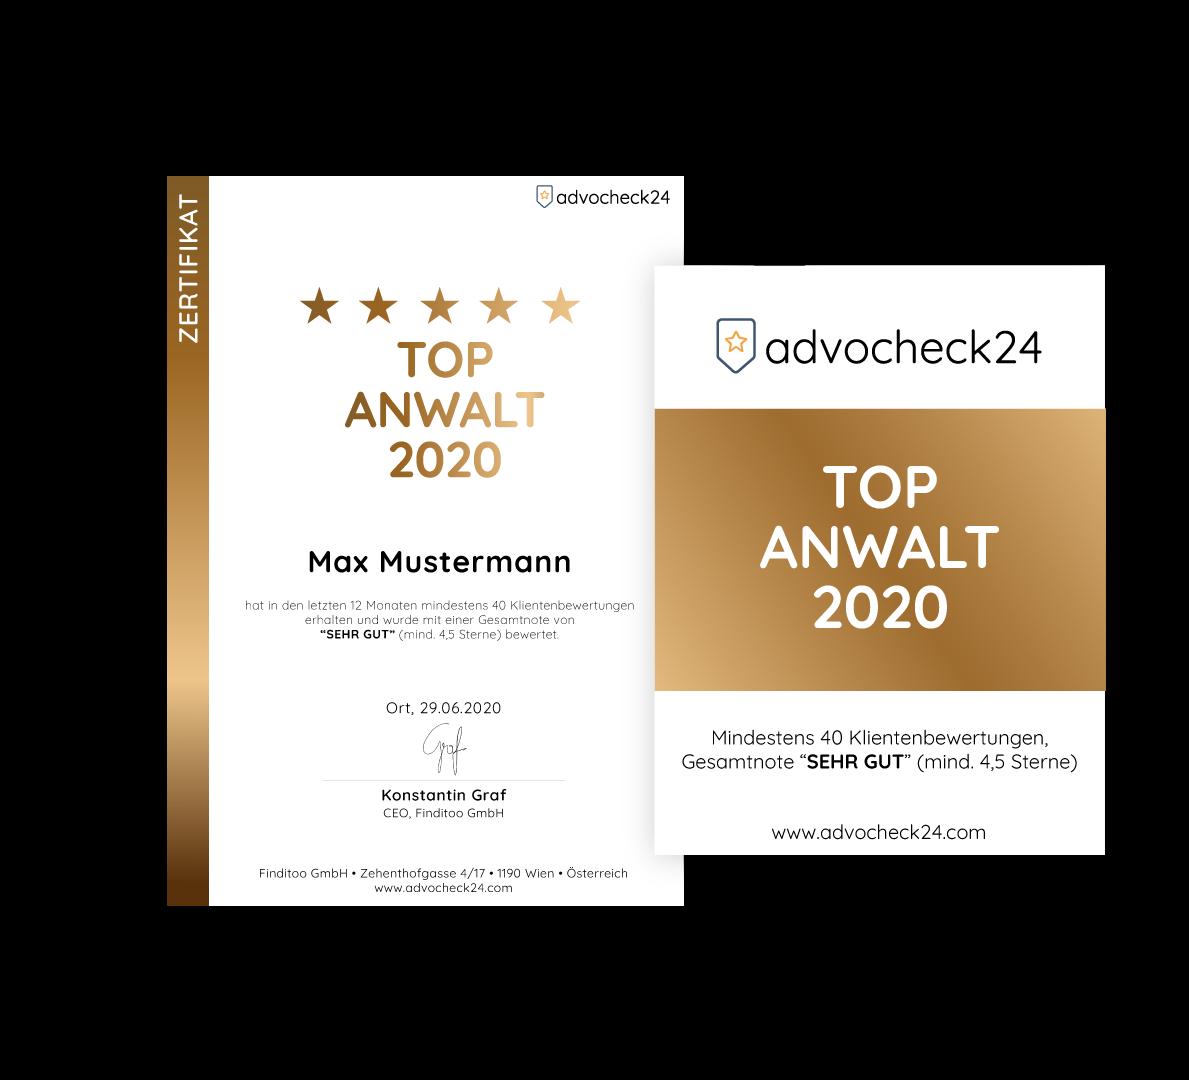 Advocheck24 Auszeichnung Top Anwalt